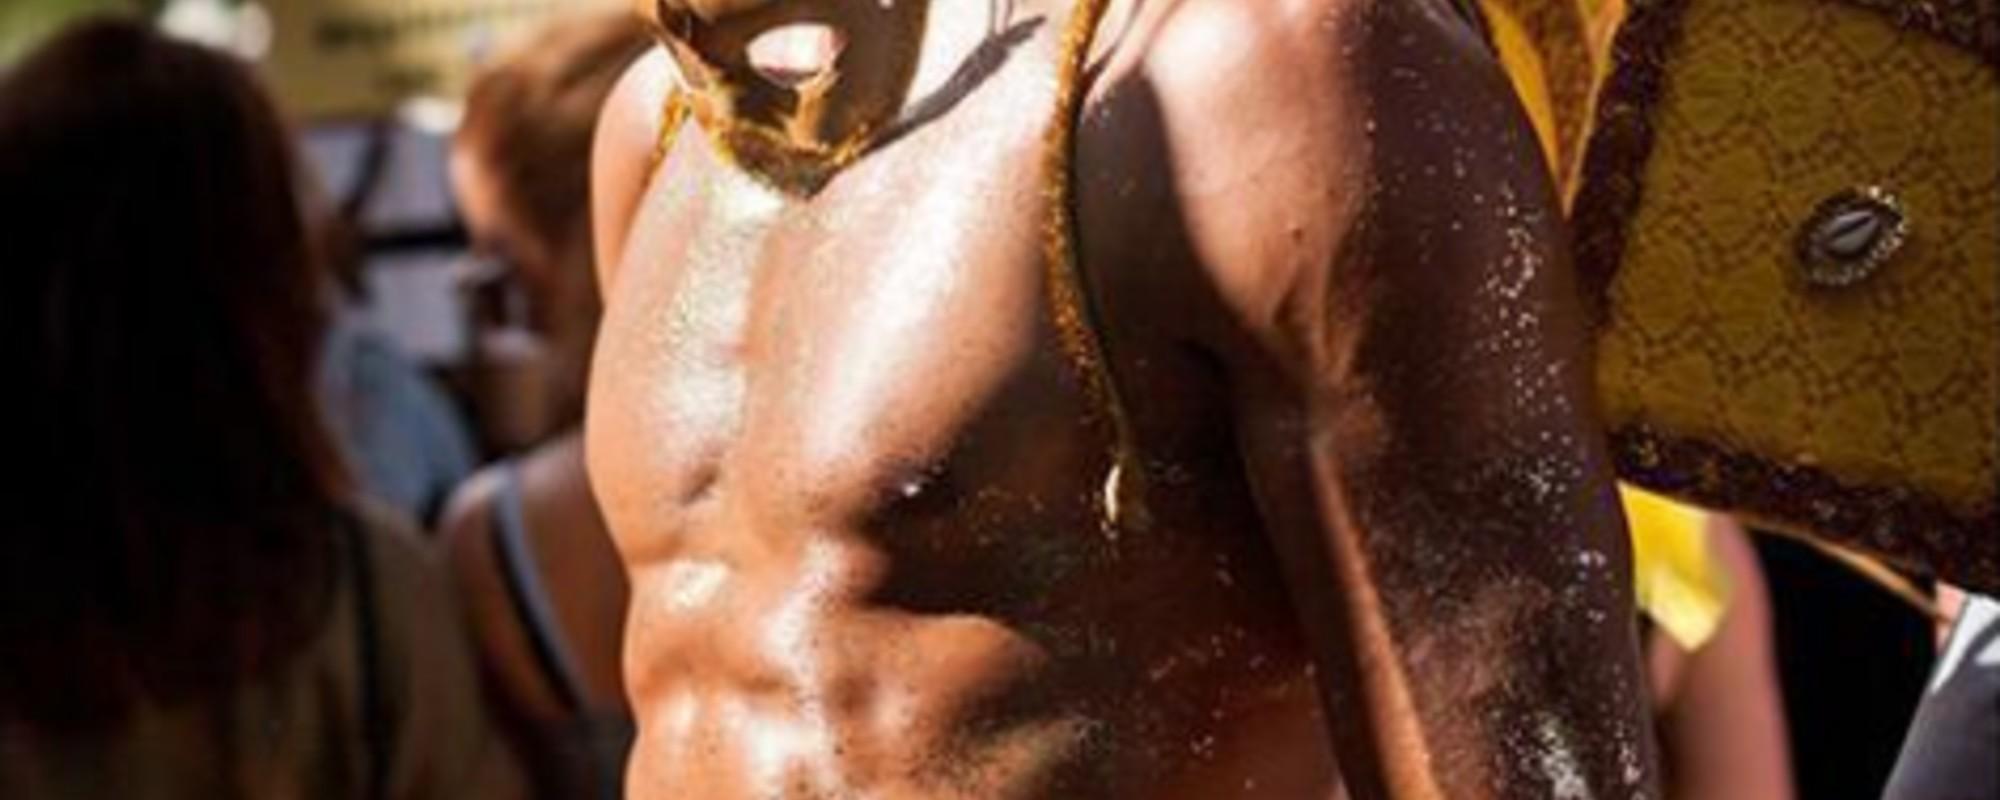 Γυμνό Δέρμα, Πούπουλα και Γκλίτερ: Φωτογραφίες από το Europride στο Άμστερνταμ